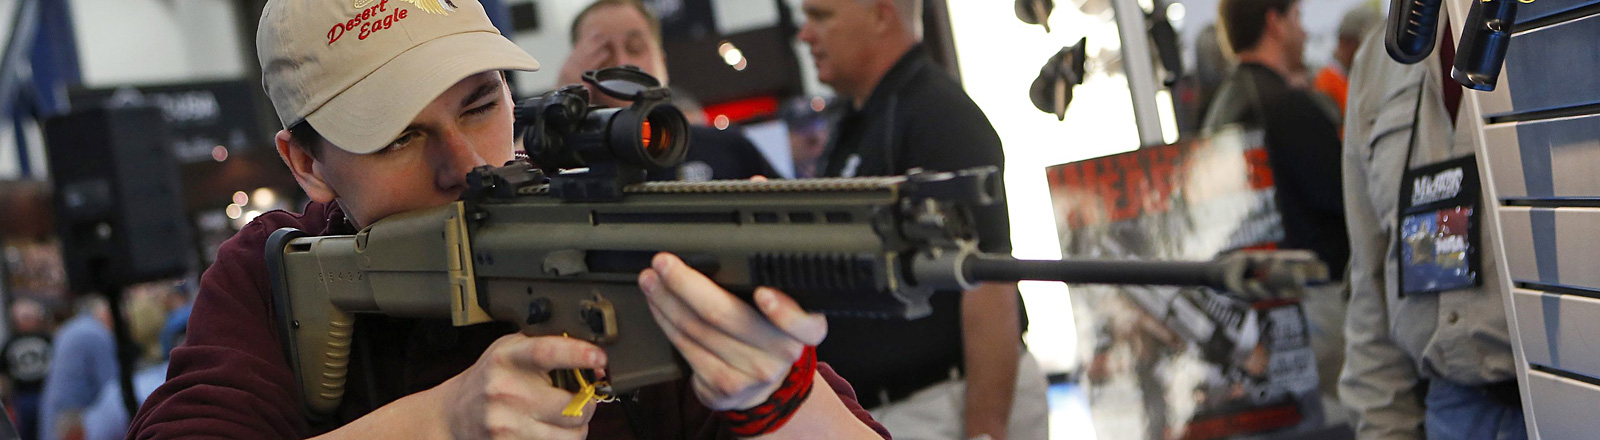 Ein junger Mann hält eine Waffe in der Hand und zielt. Jahrestreffen der US-Waffenlobby 2013; Foto: dpa